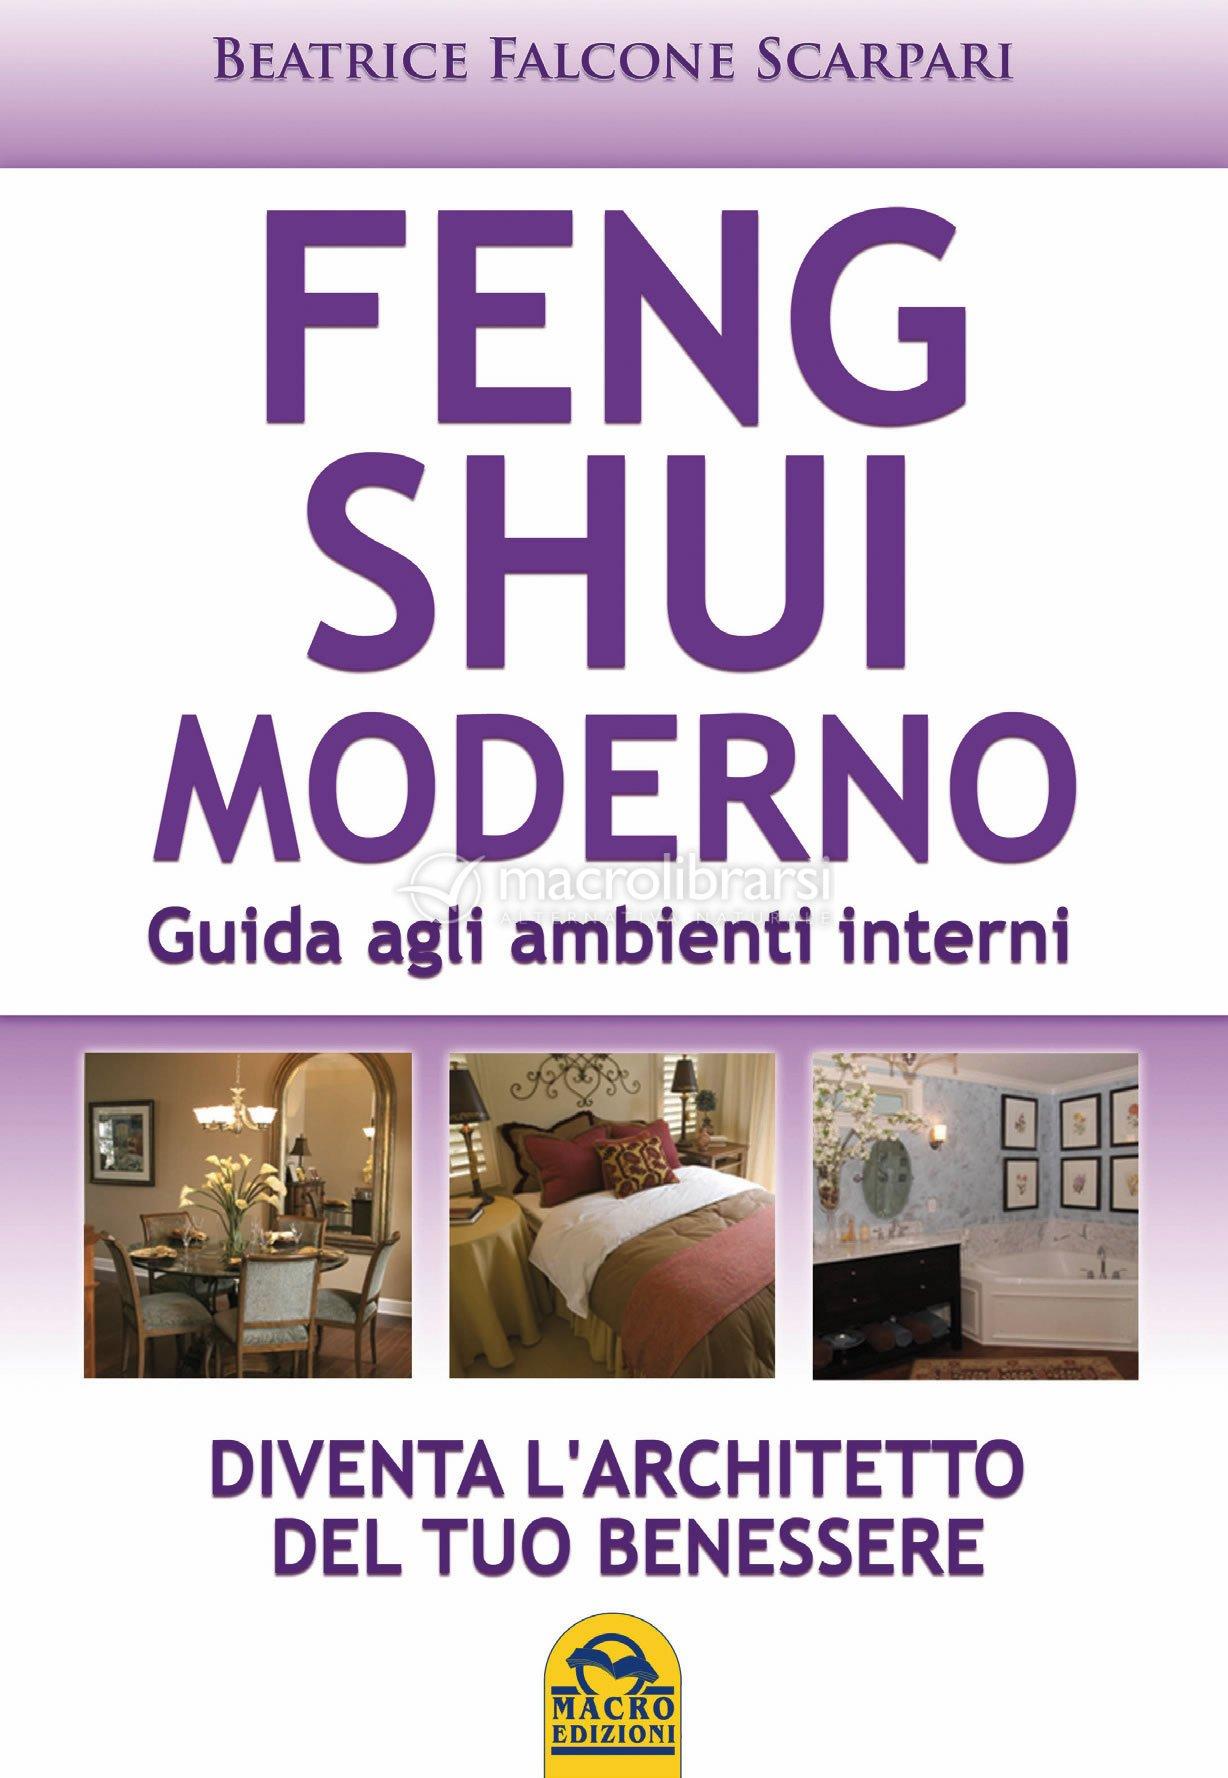 Feng shui moderno libro beatrice falcone scarpari picture - Libros feng shui ...